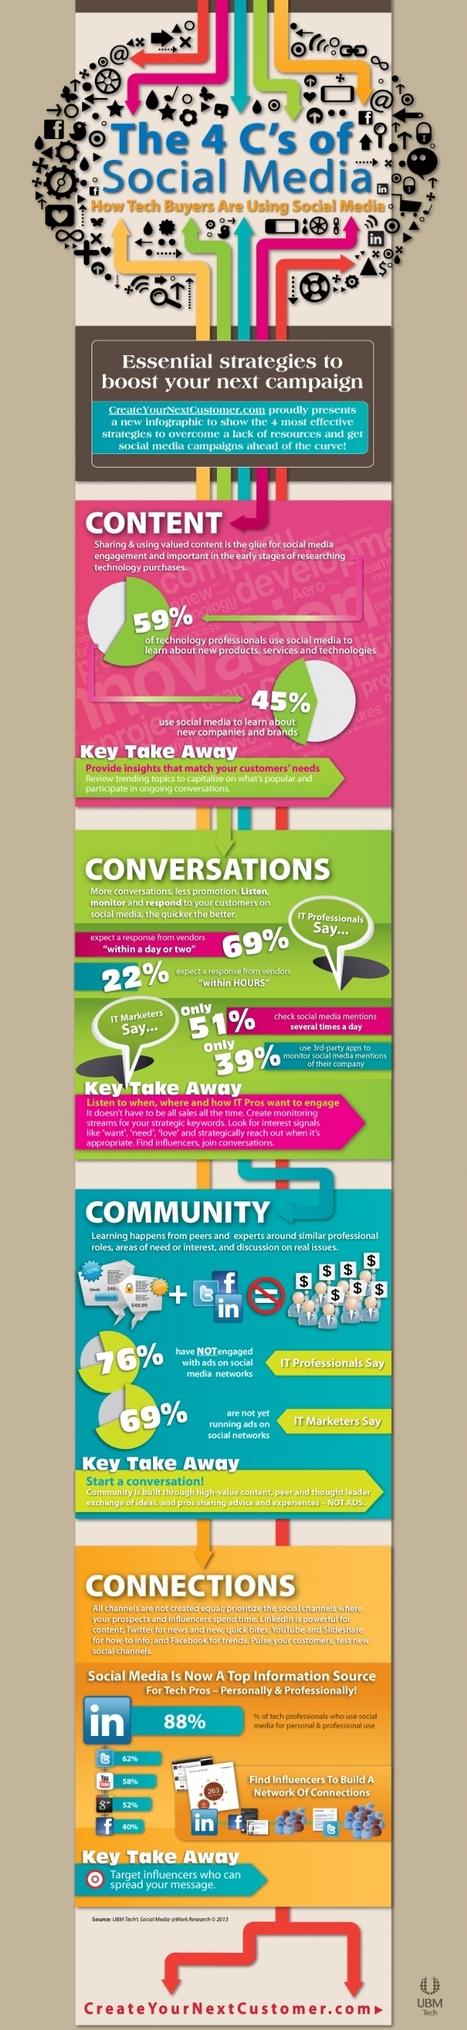 Infographie : Les 4C du 'Social Media' : contenu, conversation, communauté, connexions | Time to Learn | Scoop.it